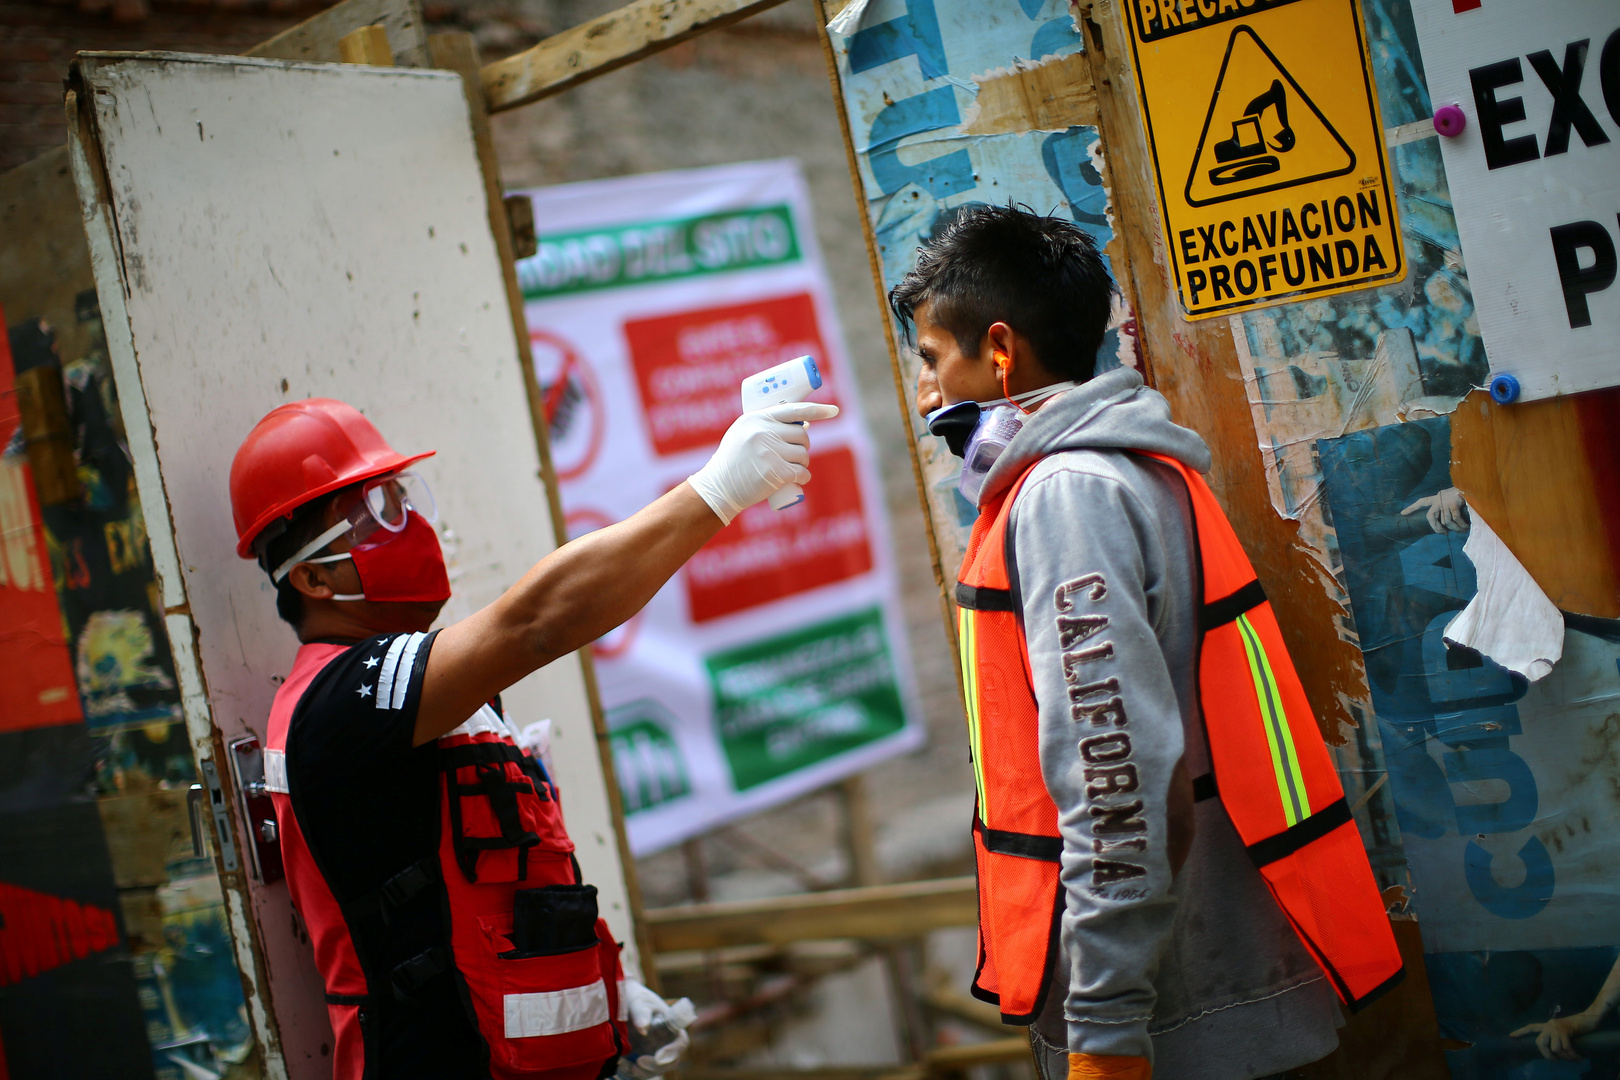 المكسيك تسجل ارتفاعا قياسيا بأعداد المصابين بكورونا